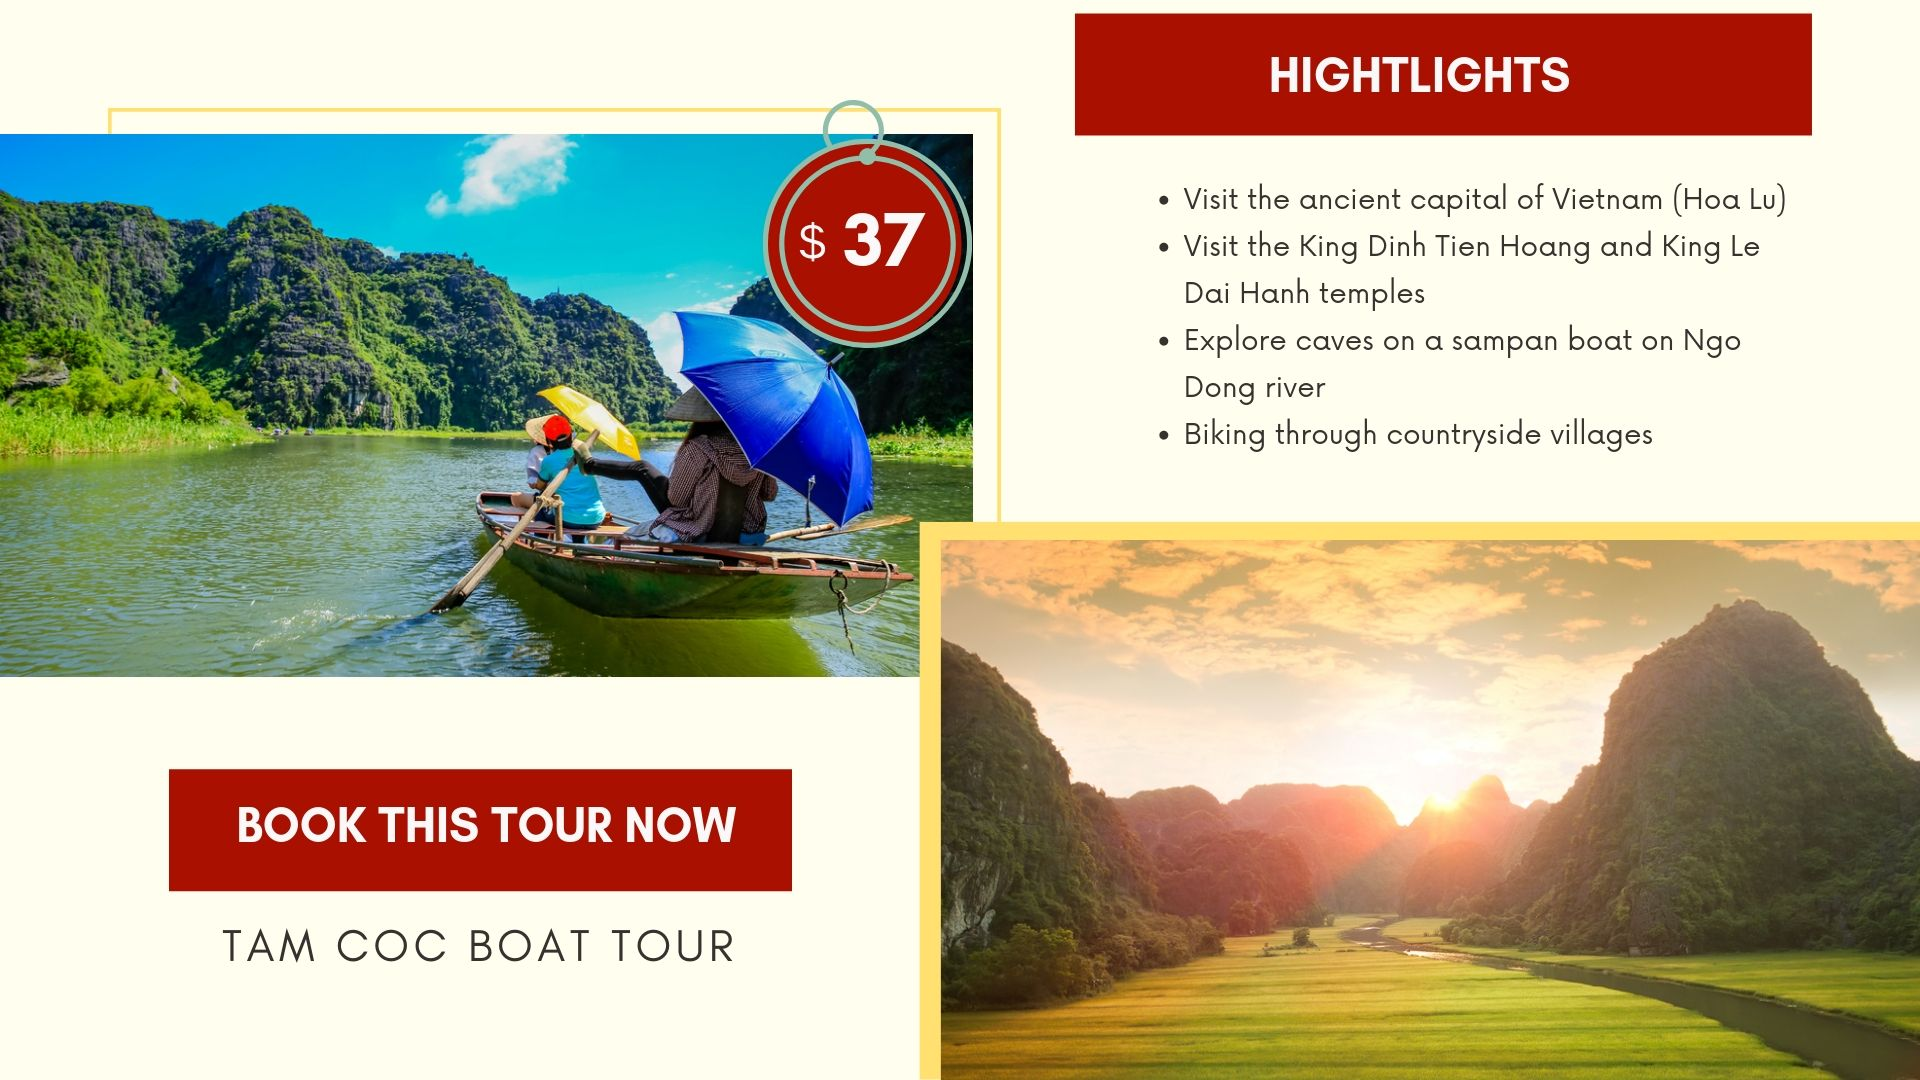 Tam Coc boat tour